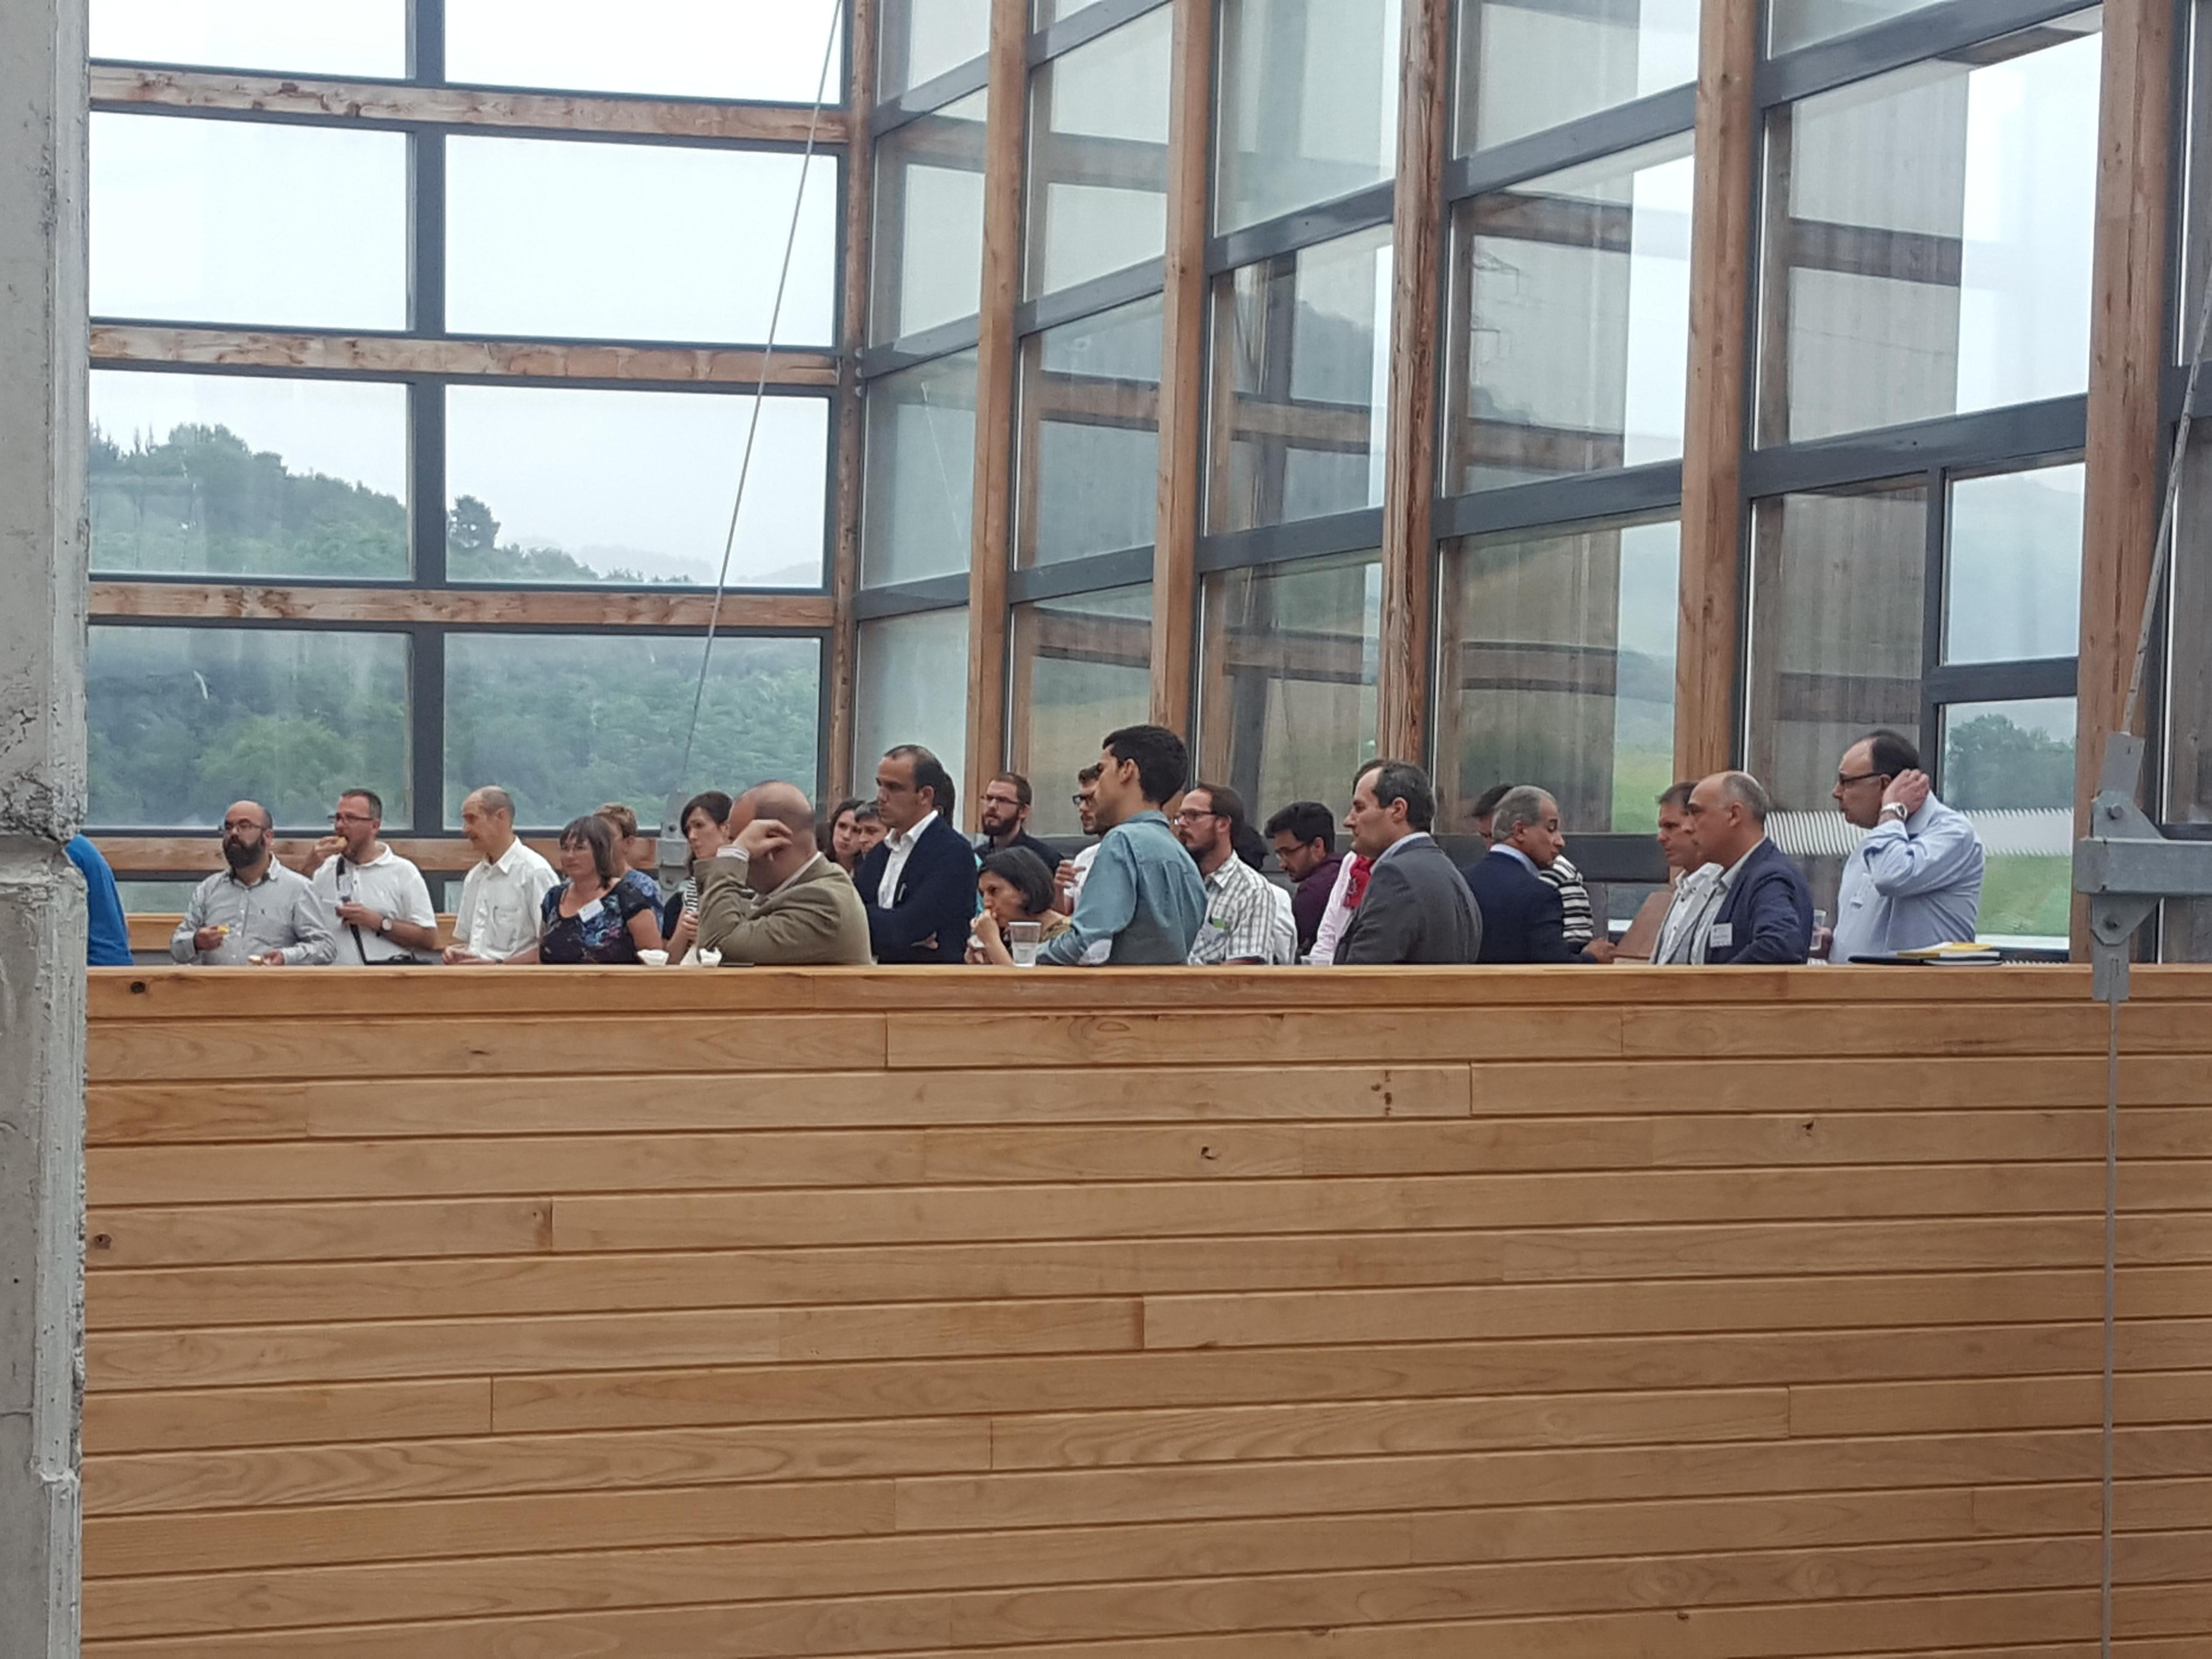 imagen 4 de noticia: por-cuarto-ao-consecutivo-kursaal-rehabilitaciones-organizamos-una-jornada-enmarcada-en-la-semana-europea-de-la-energa-sostenible